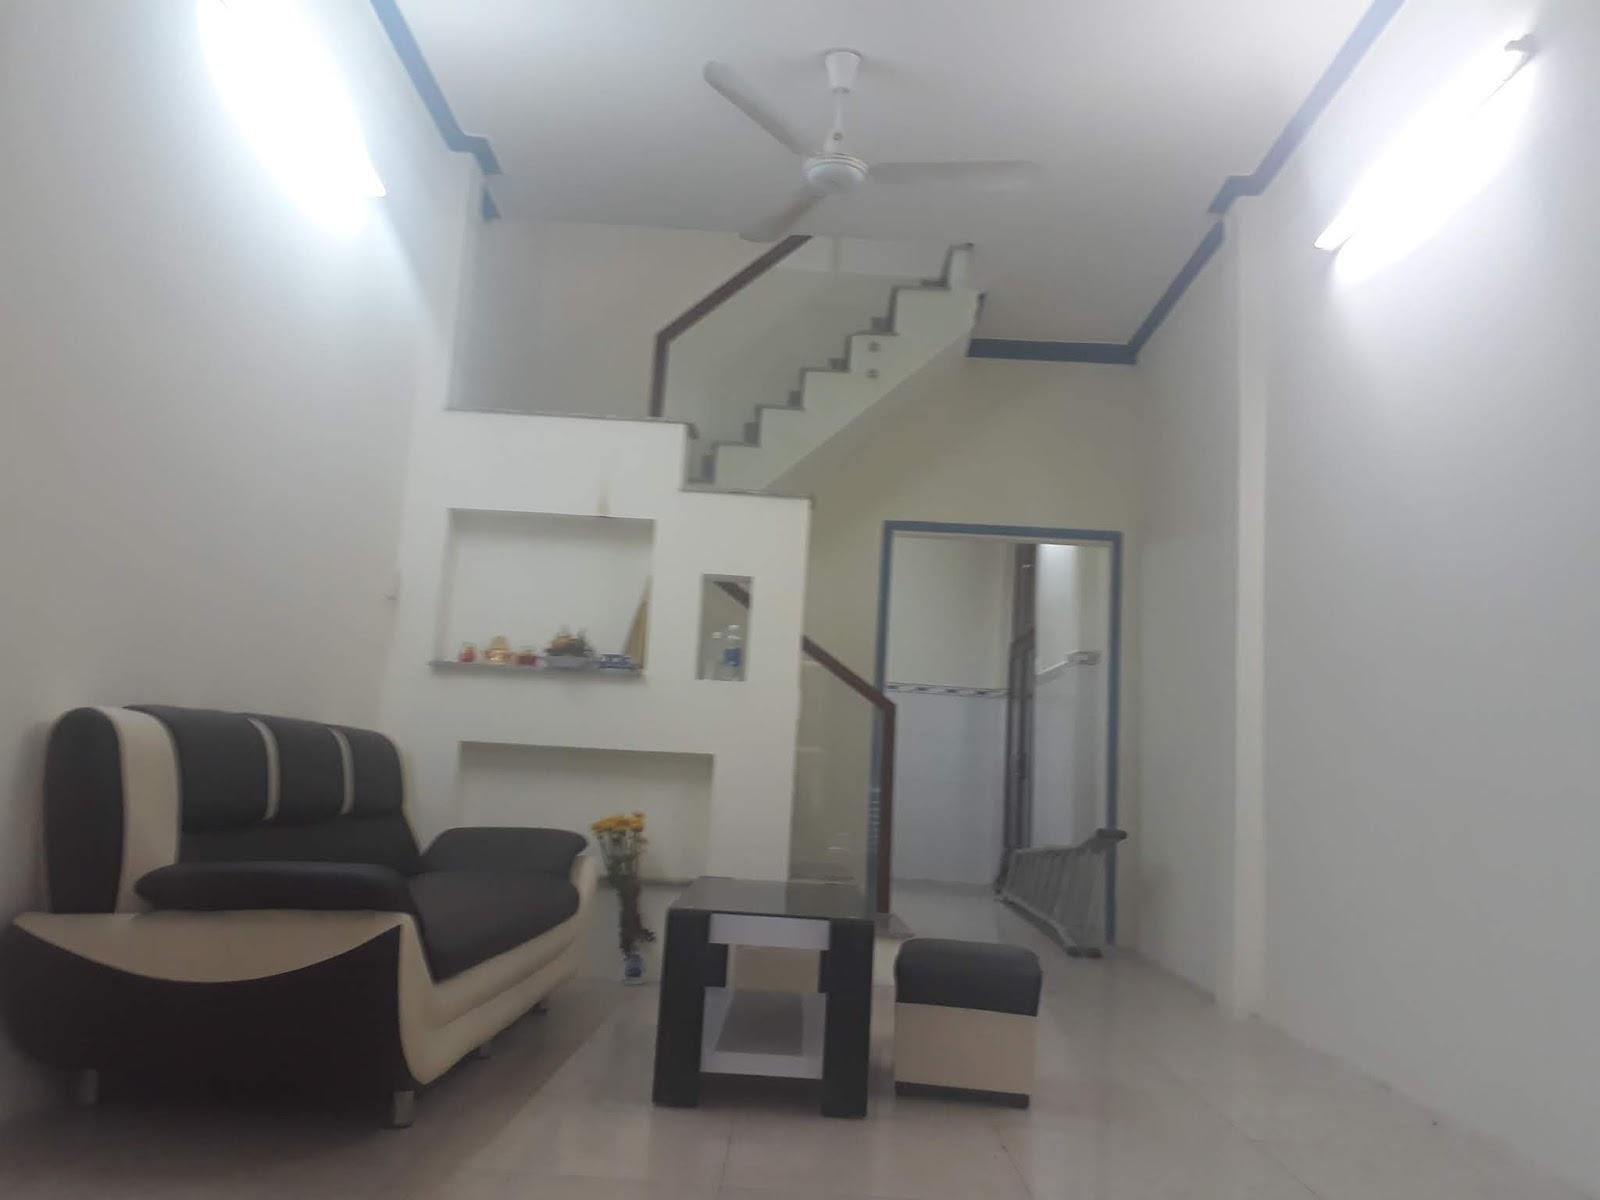 Bán nhà hẻm Hoàng Xuân Nhị phường Phú Trung quận Tân Phú, DT 3,11x12m